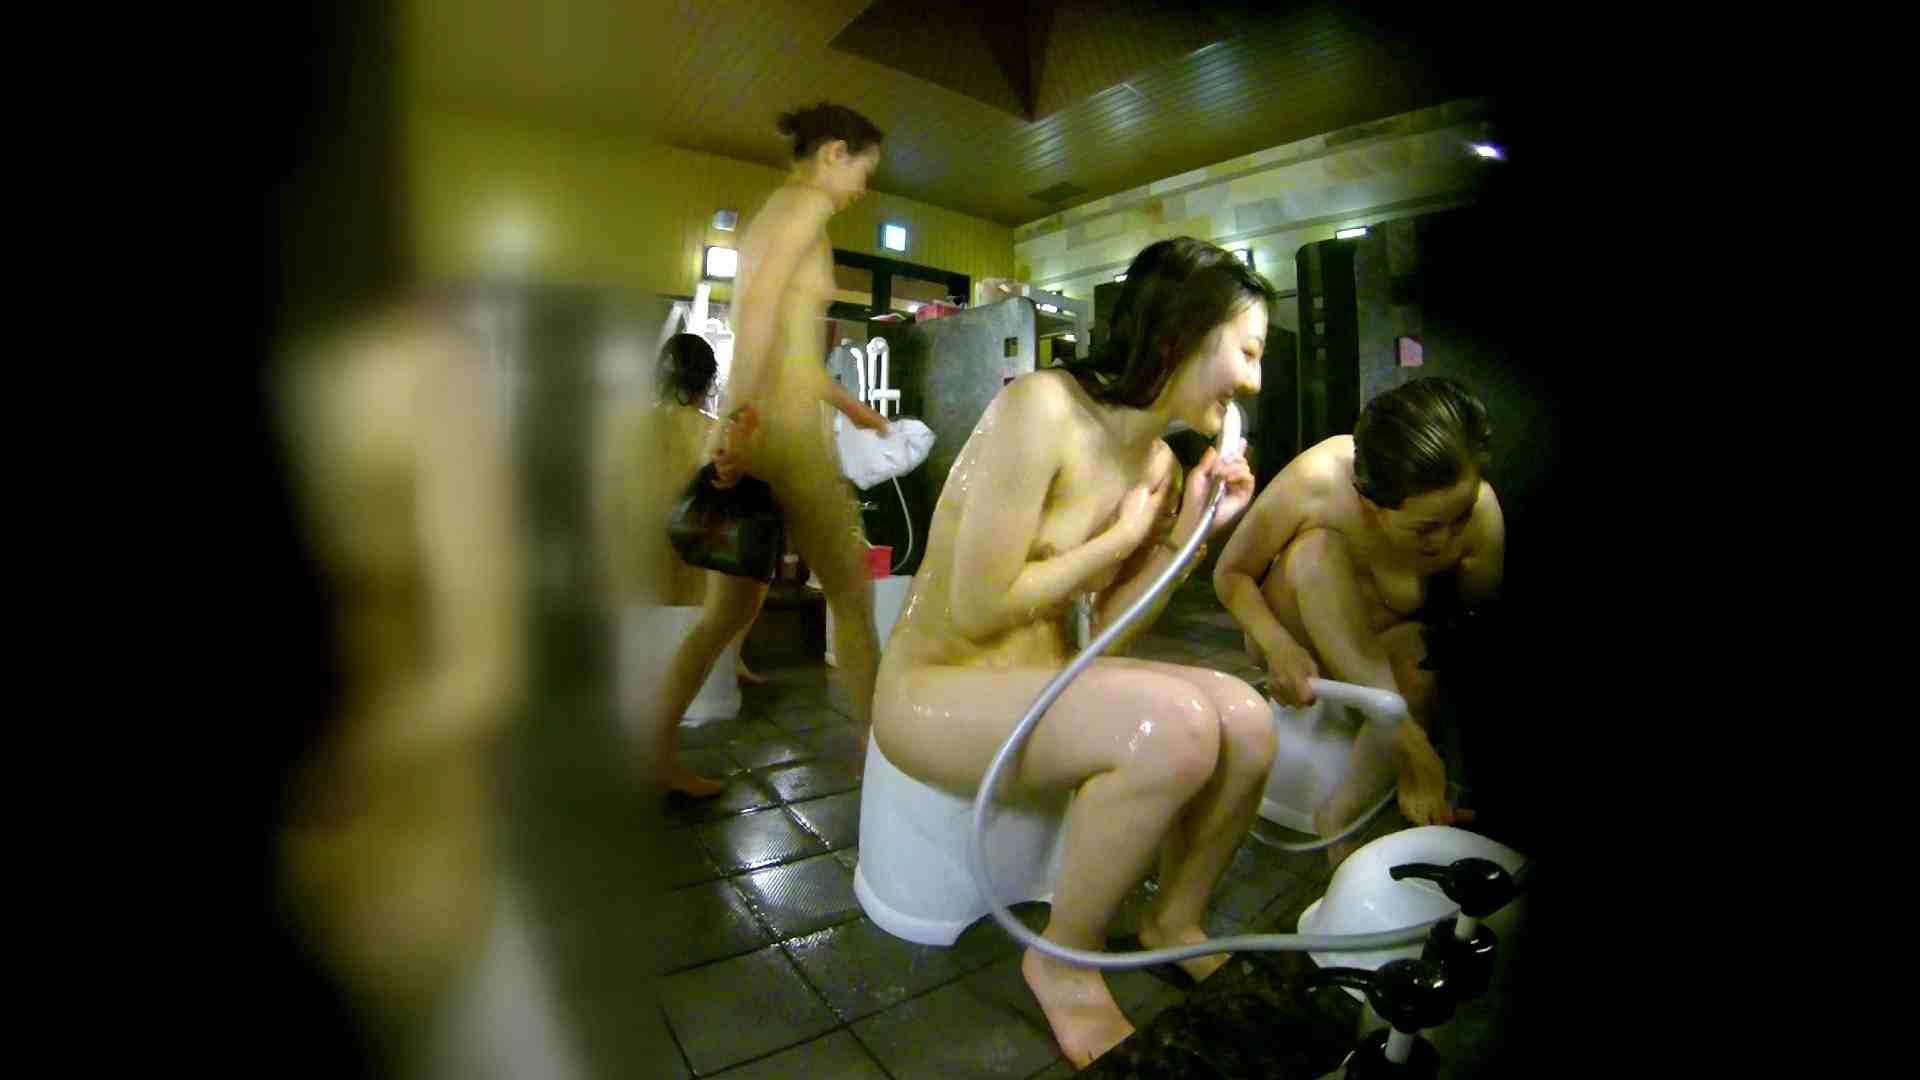 洗い場!右足の位置がいいですね。陰毛もっさり! 銭湯のぞき | 女湯の中  74画像 50